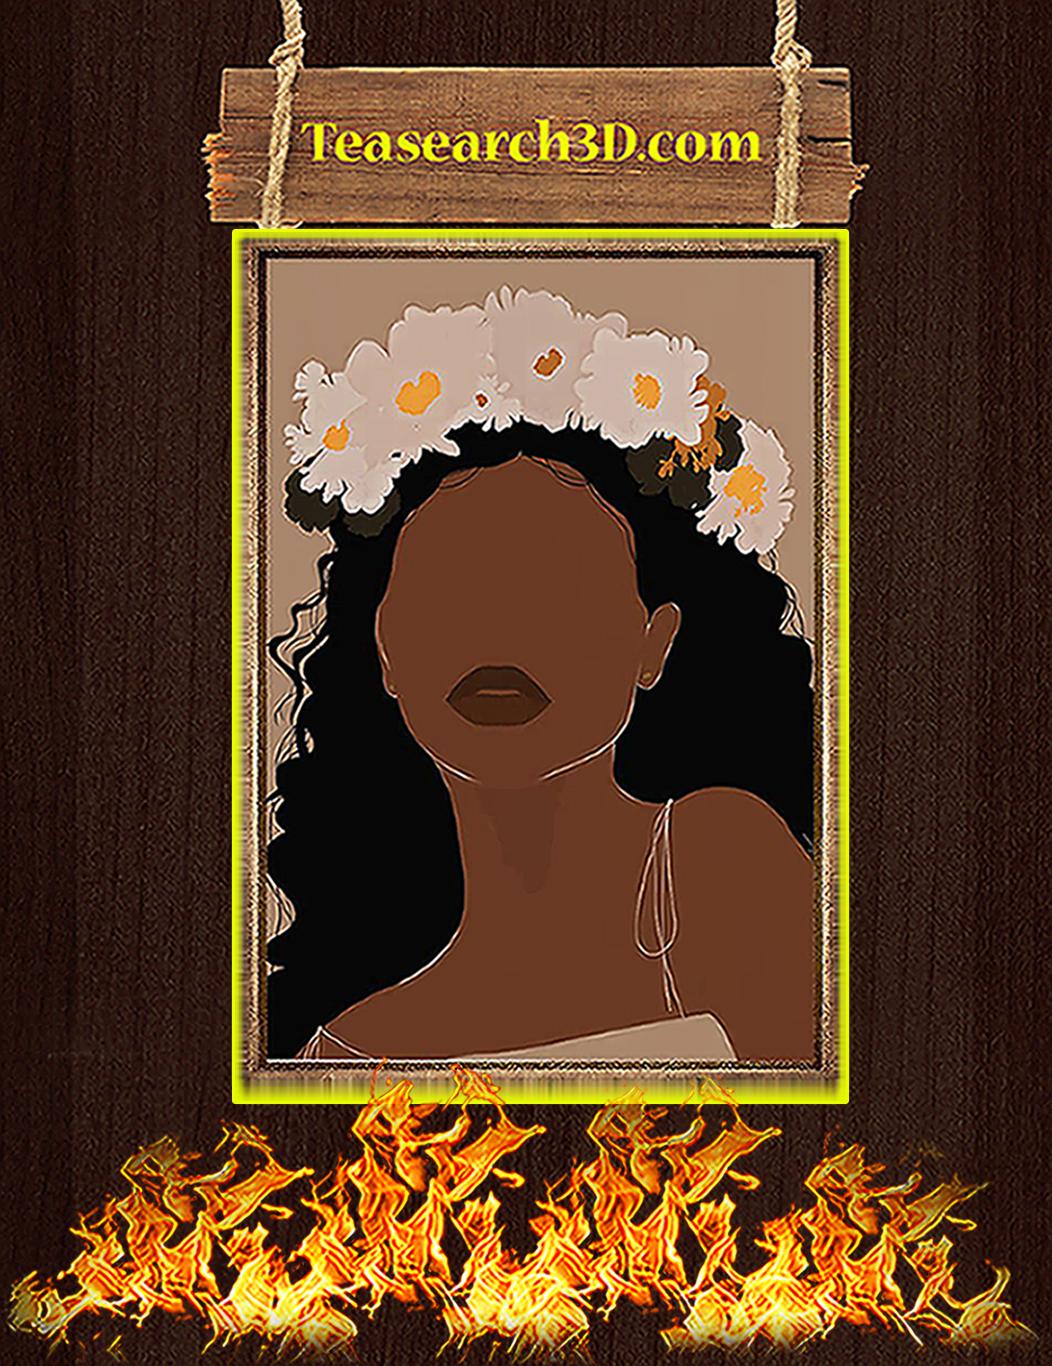 Black girl flower poster A1